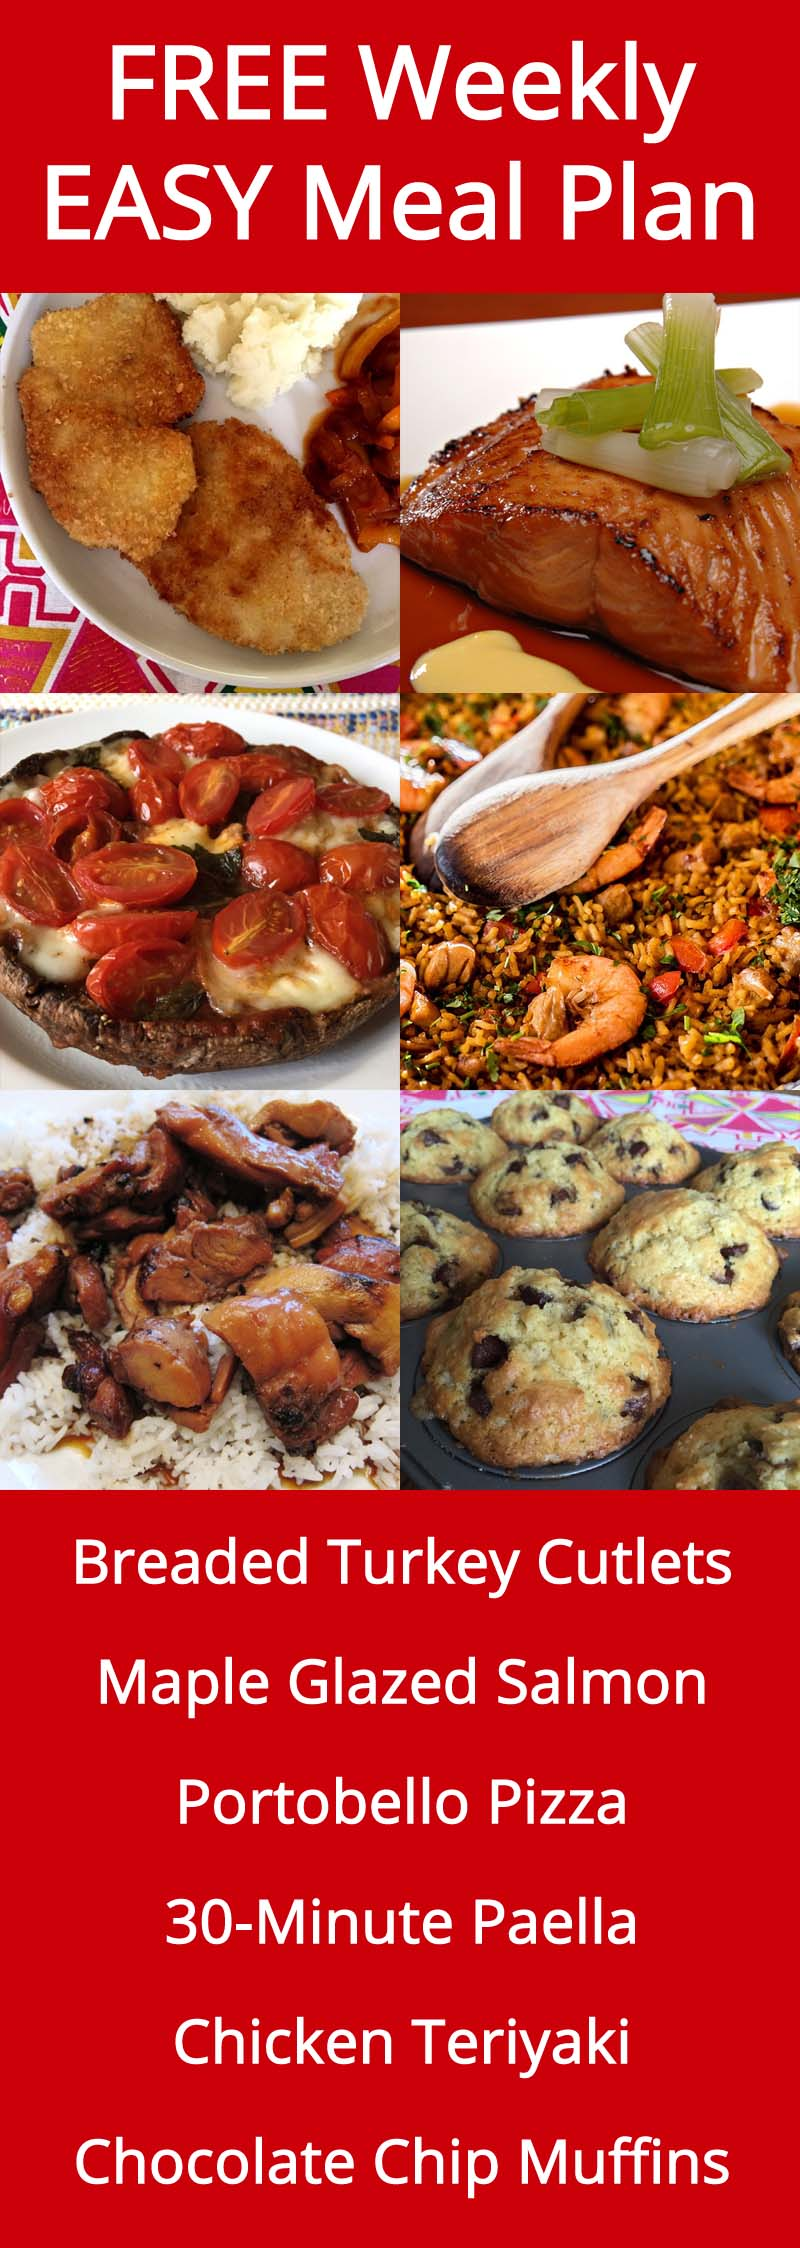 FREE Weekly Meal Plan - Week 33 Recipes & Menu Ideas